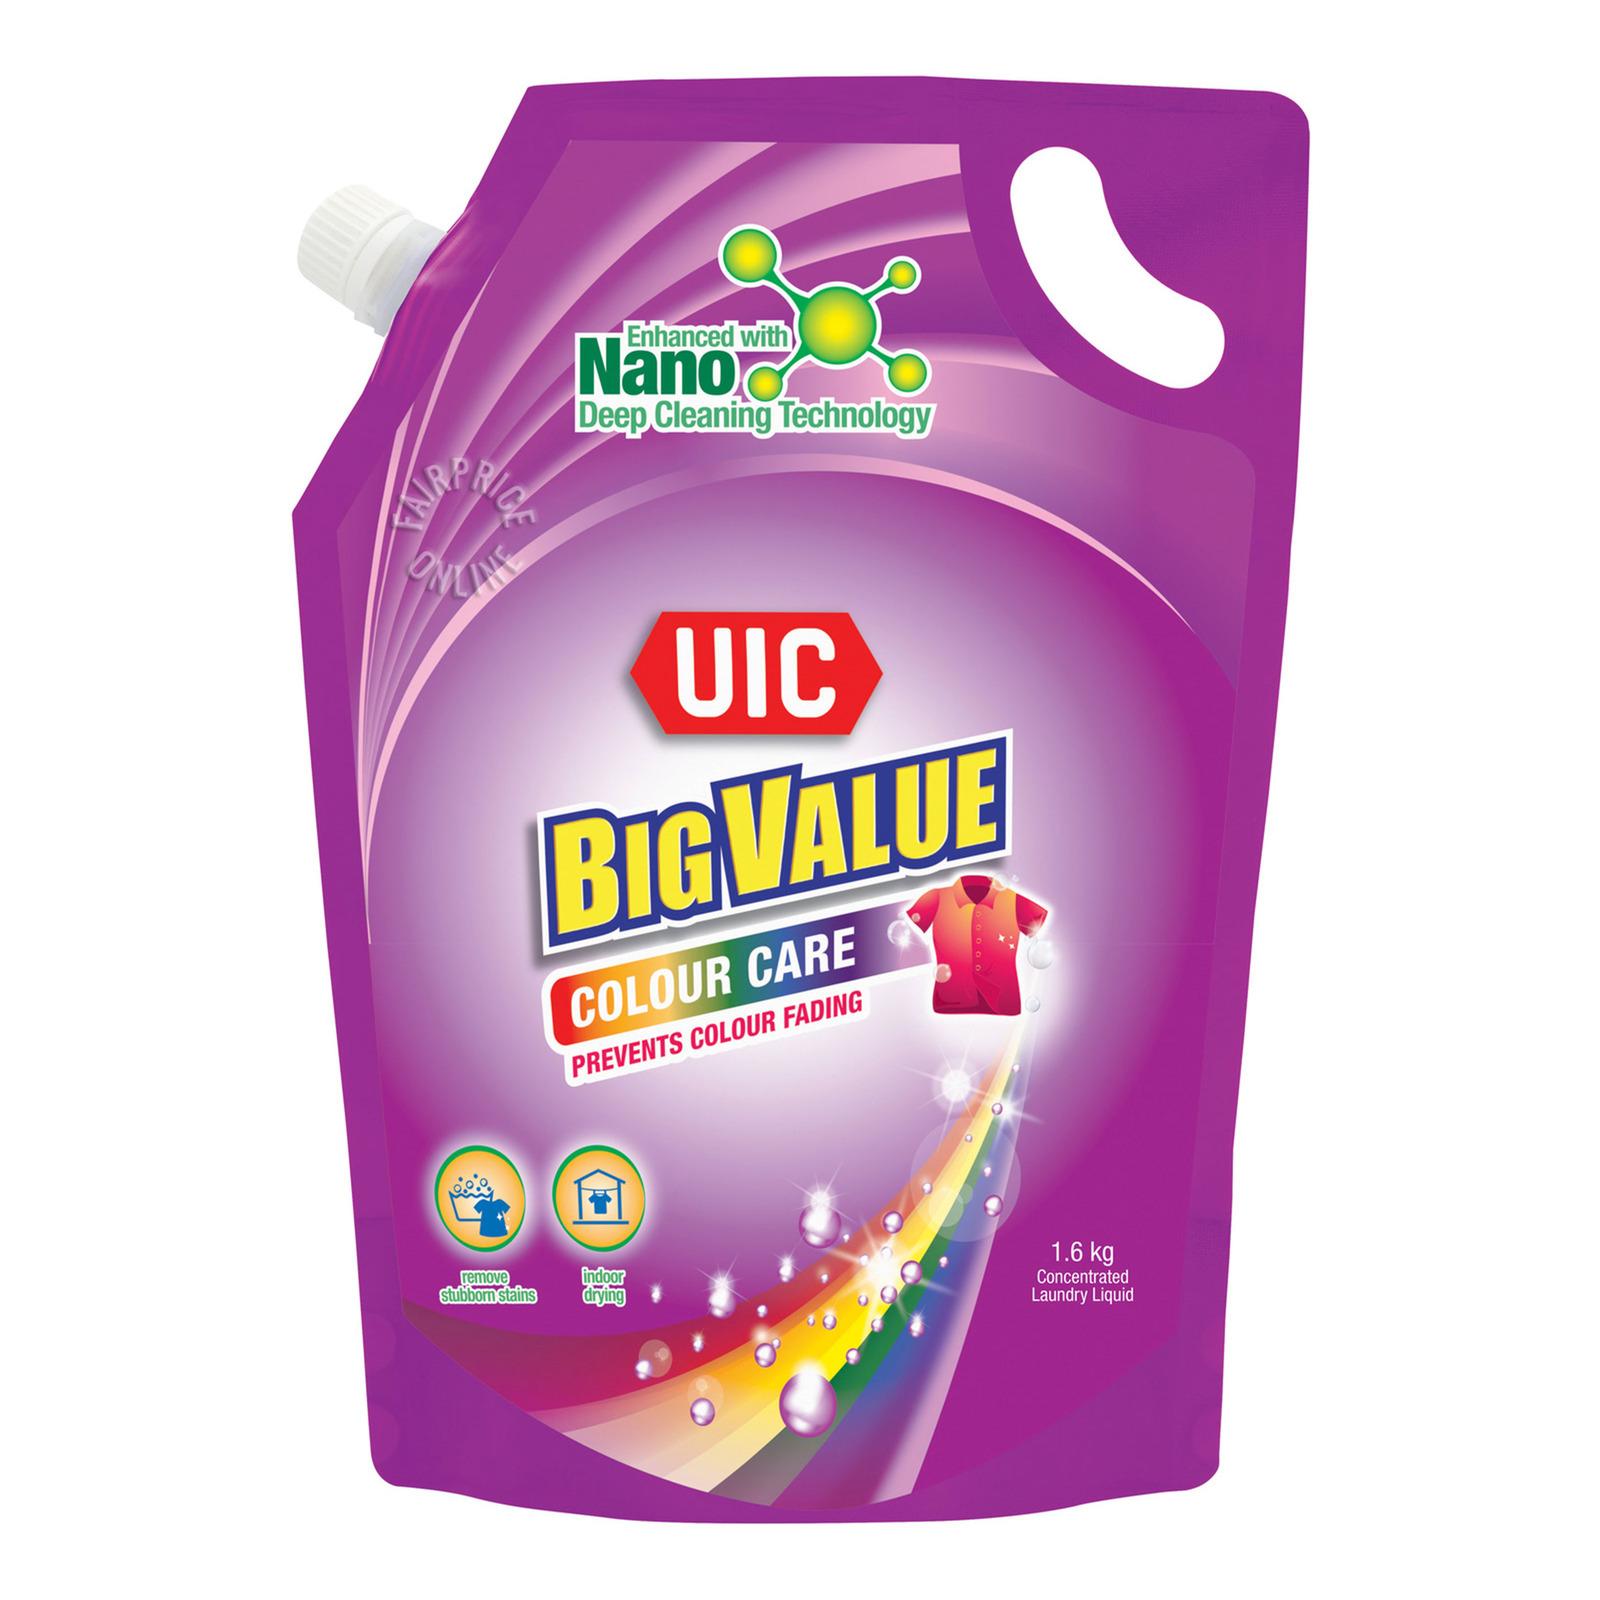 UIC Big Value Liquid Detergent Refill - Colour Care